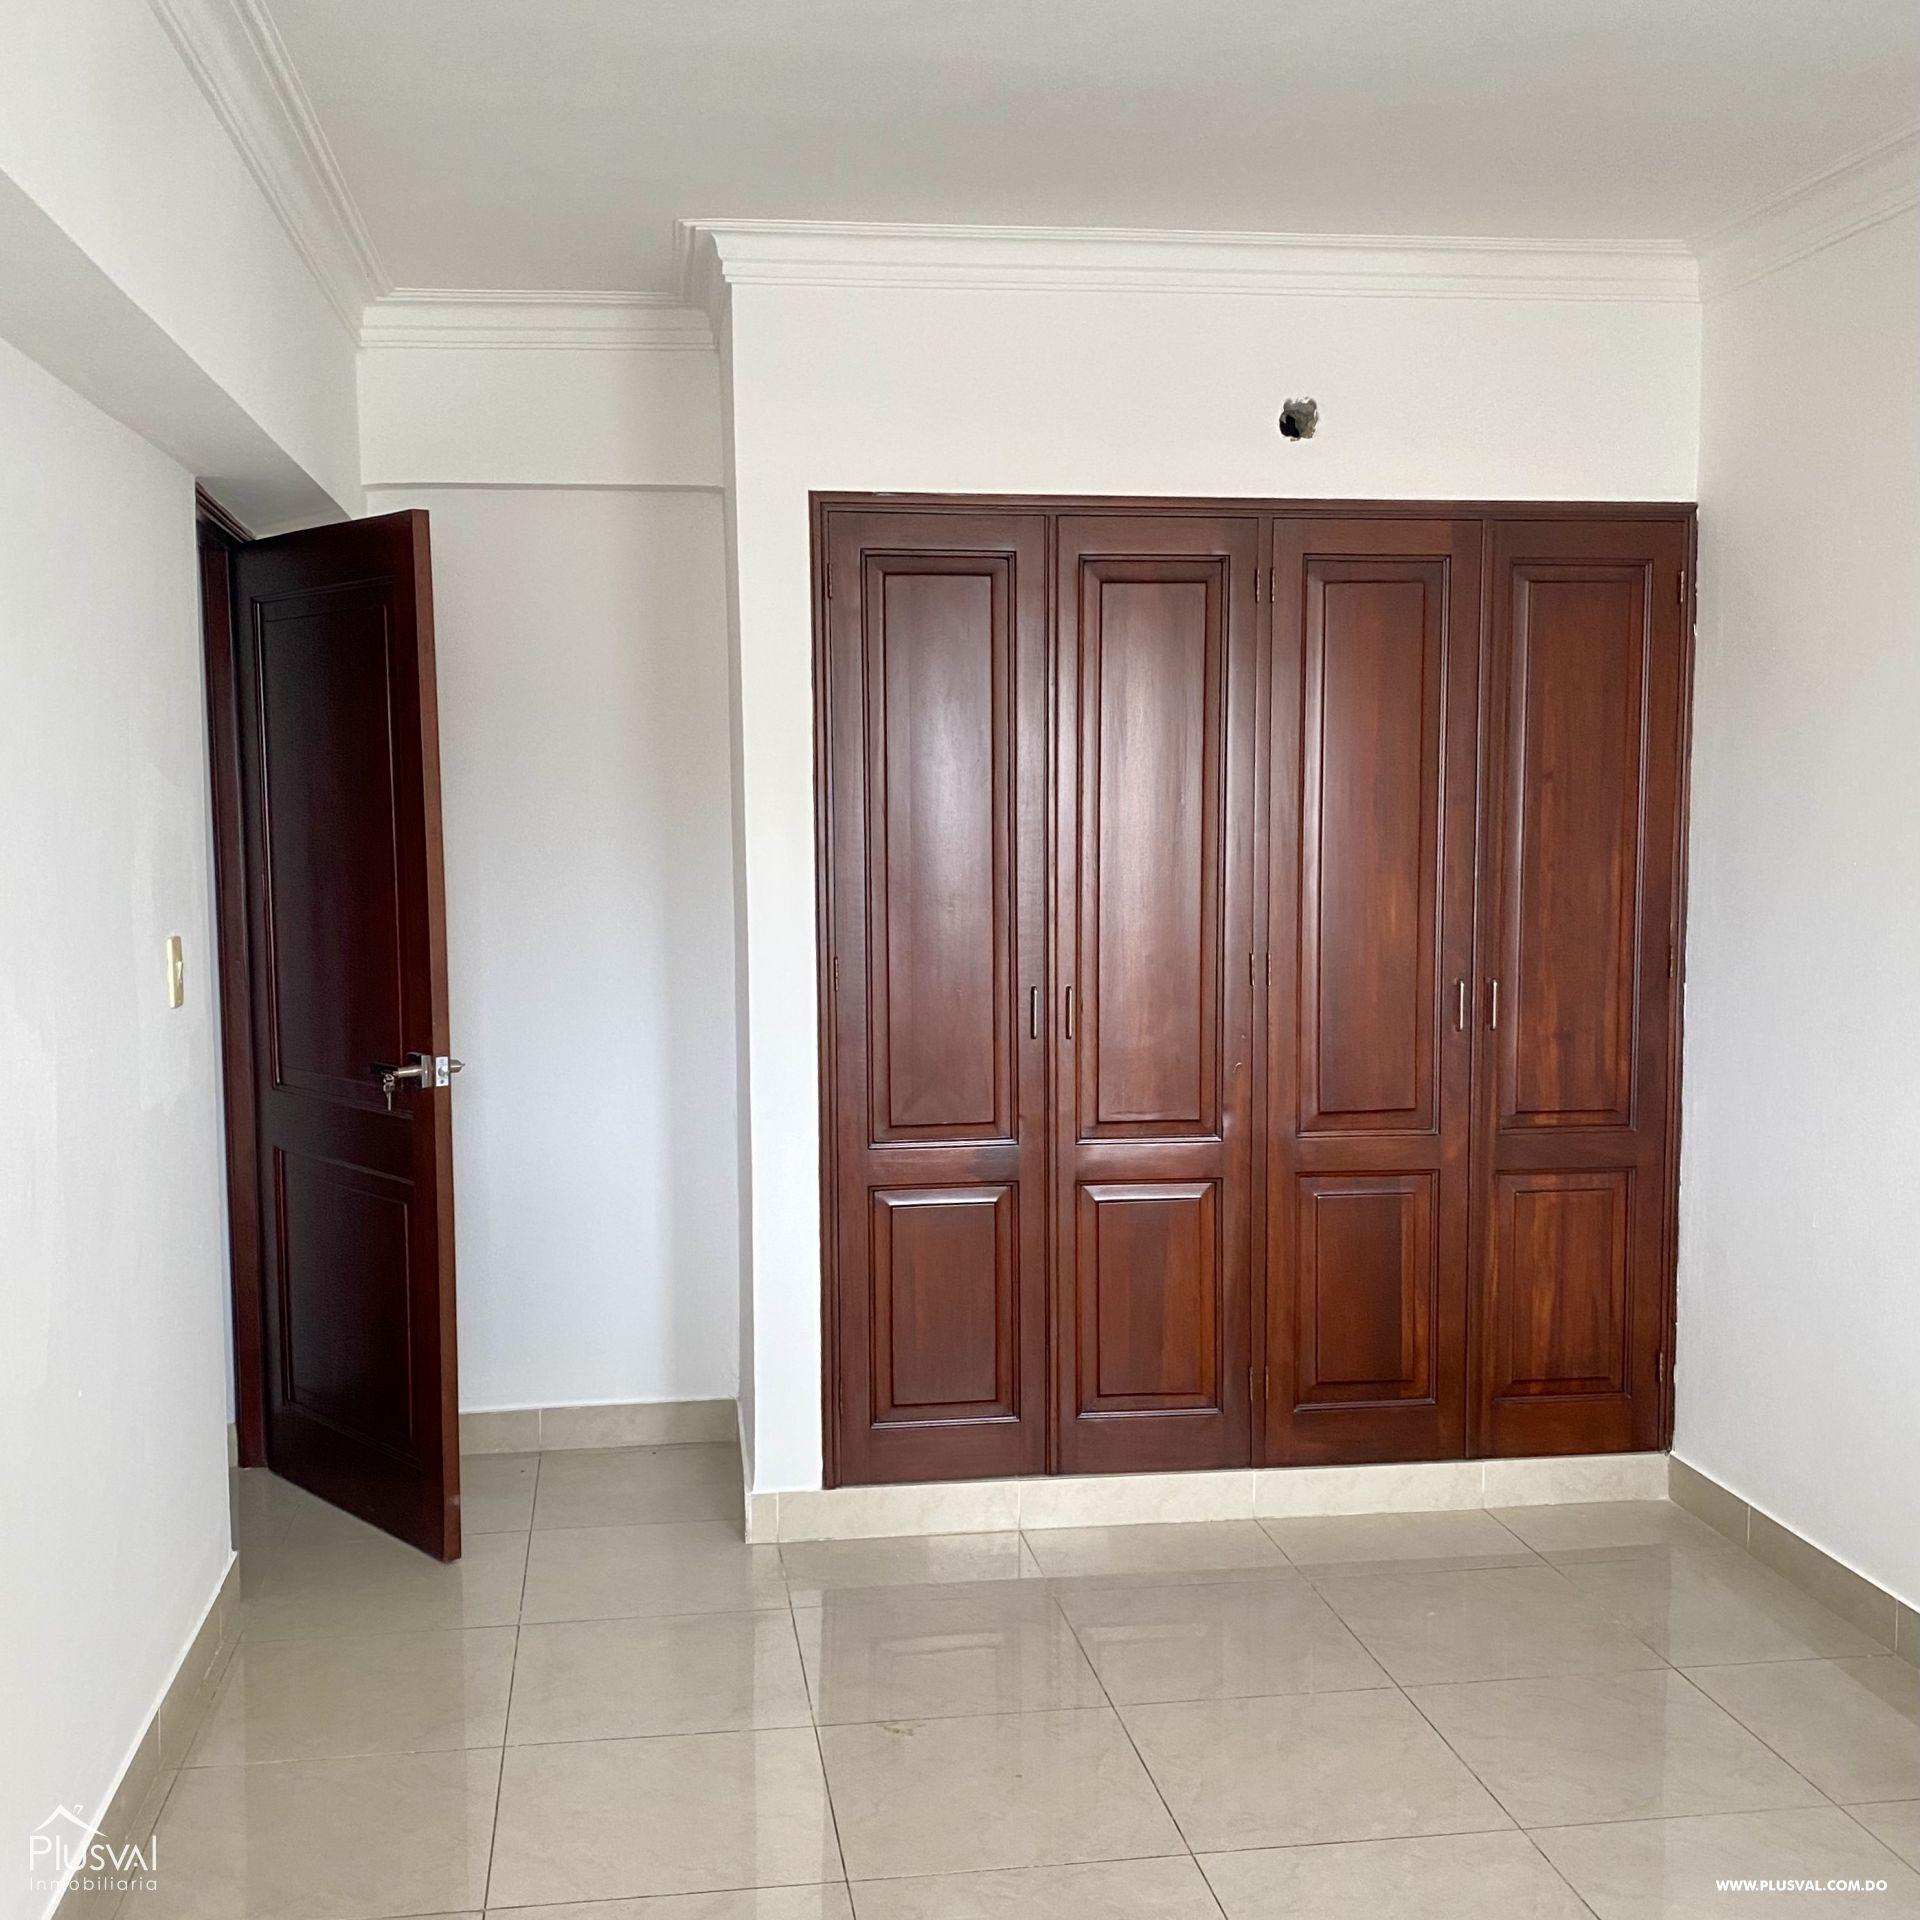 Amplio apartamento en alquiler en Piantini 188343